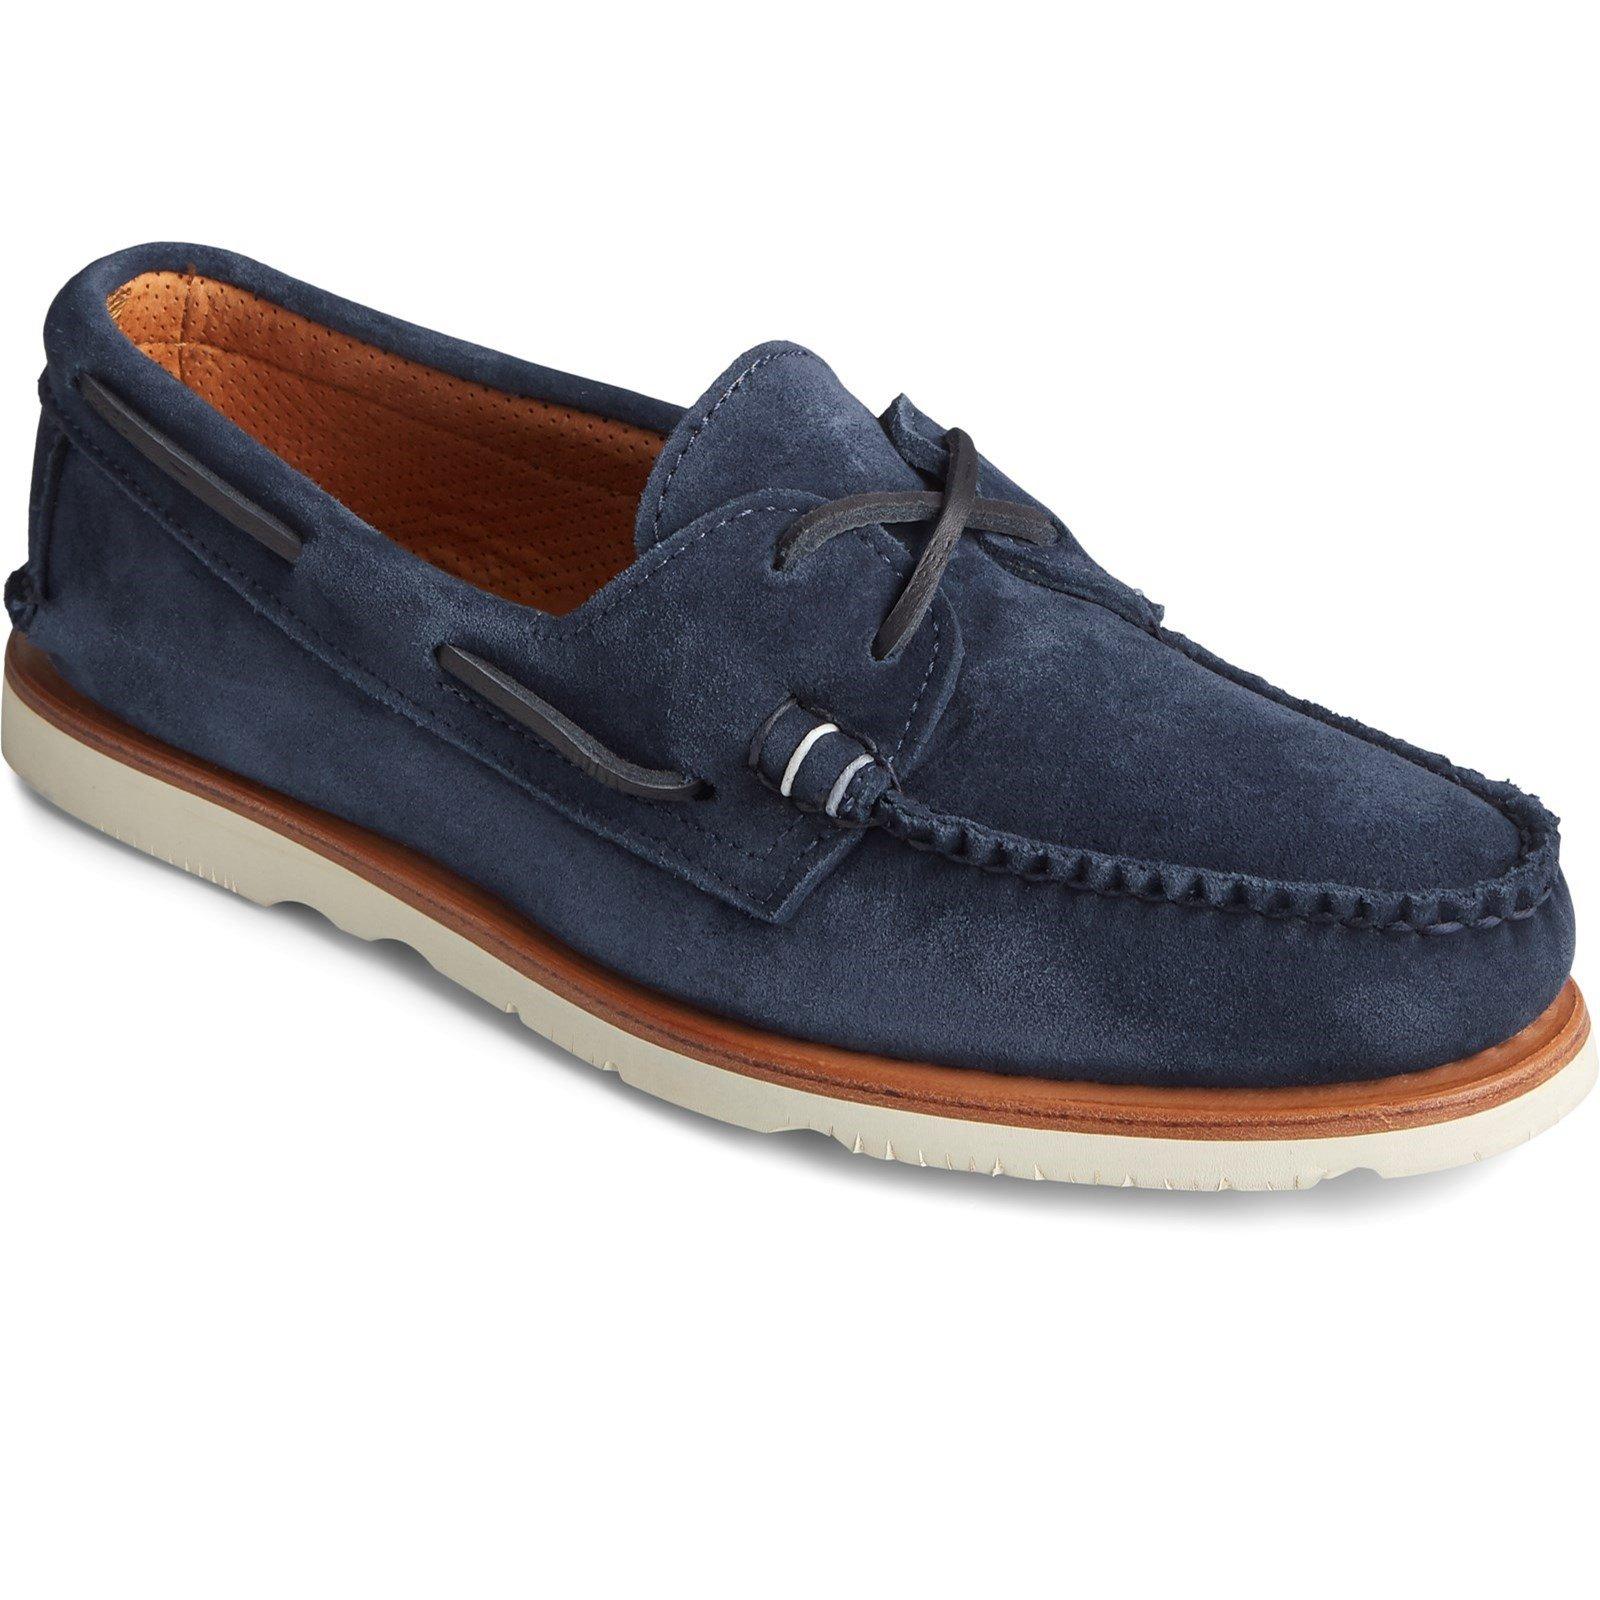 Sperry Men's Authentic Original Sunspel Boat Shoe Navy Suede 32073 - Navy Suede 10